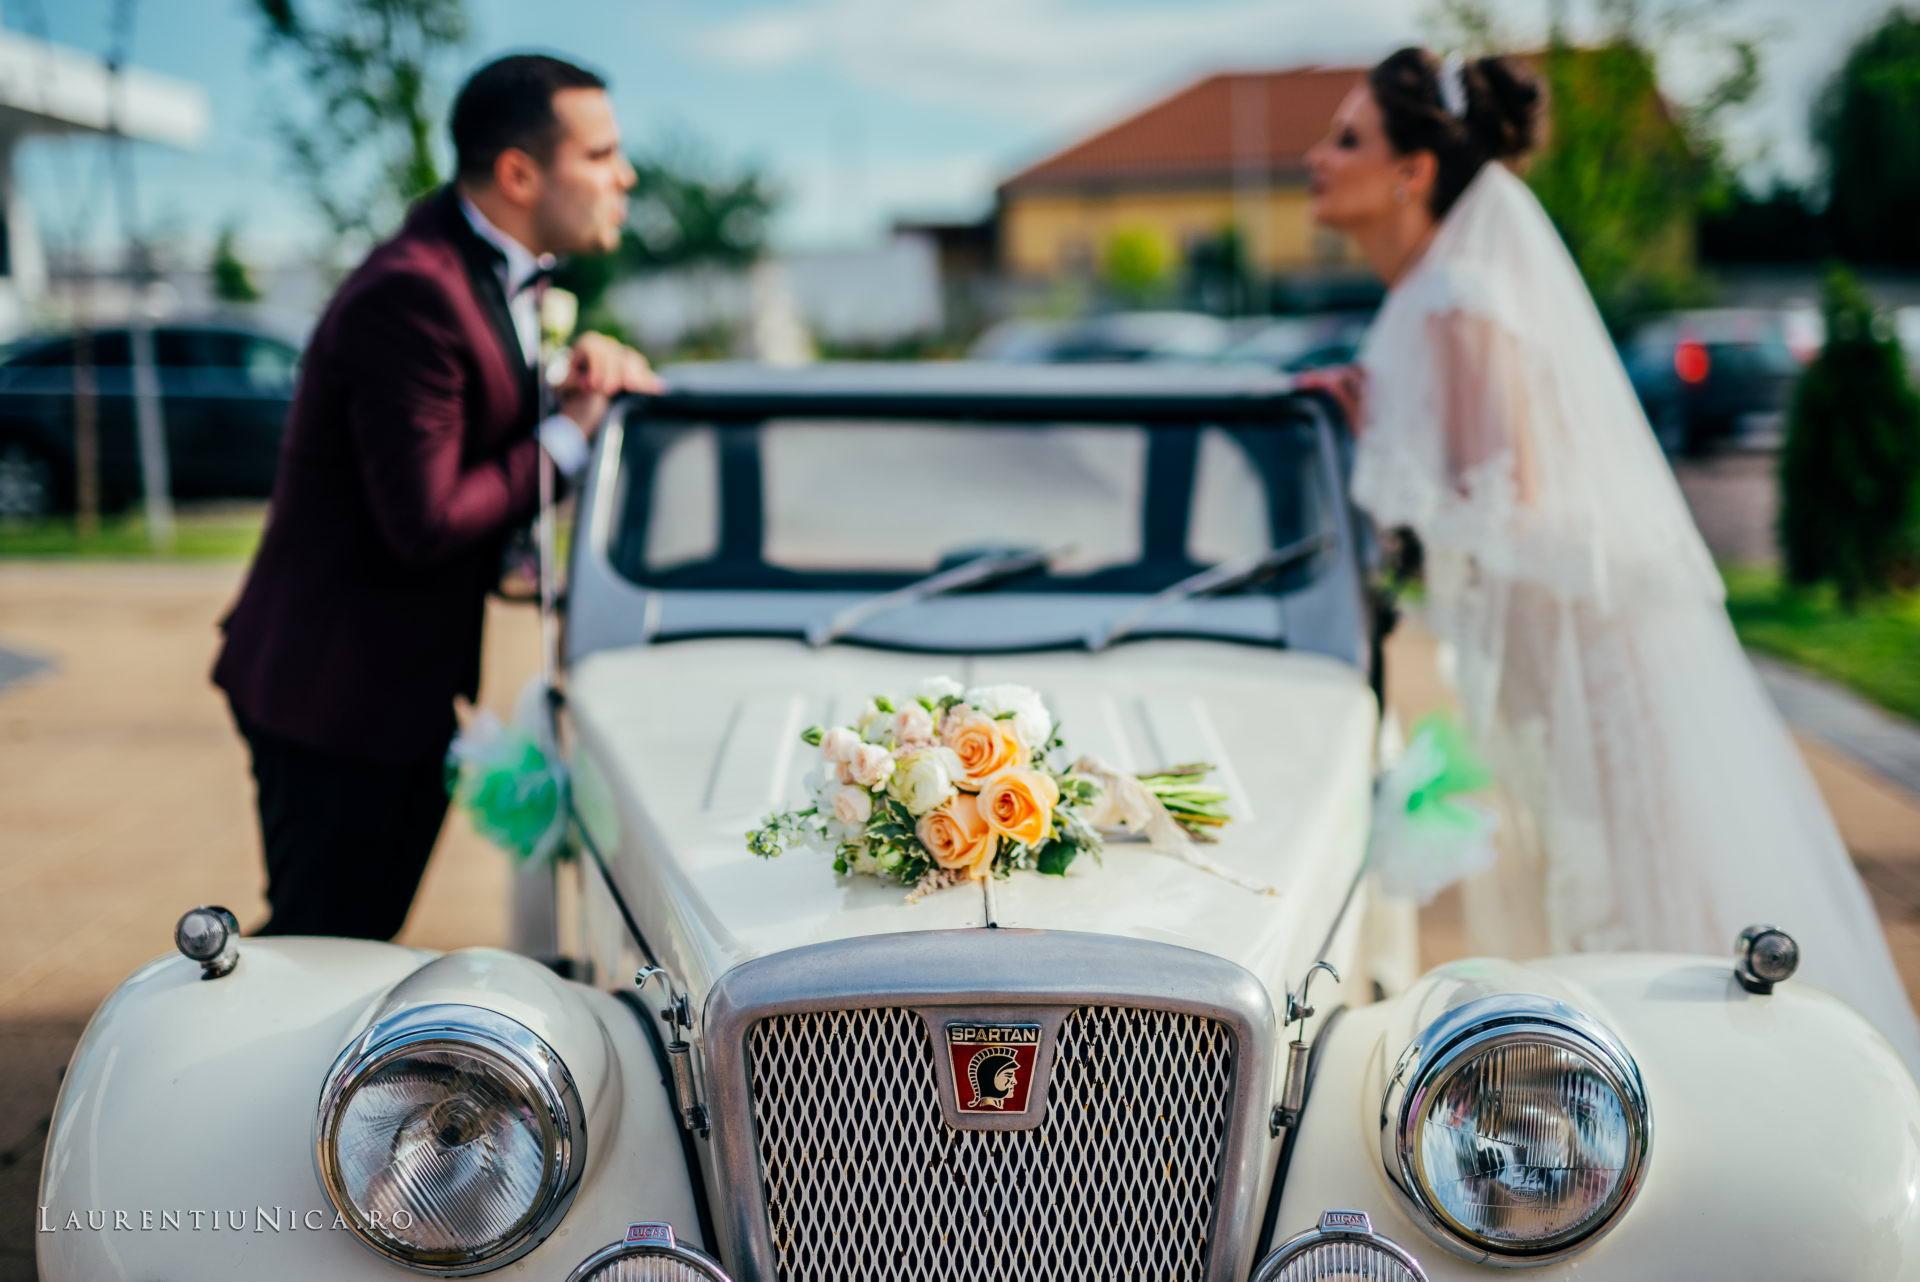 denisa si catalin fotograf nunta laurentiu nica craiova 60 - Denisa si Catalin | Fotografii nunta | Craiova